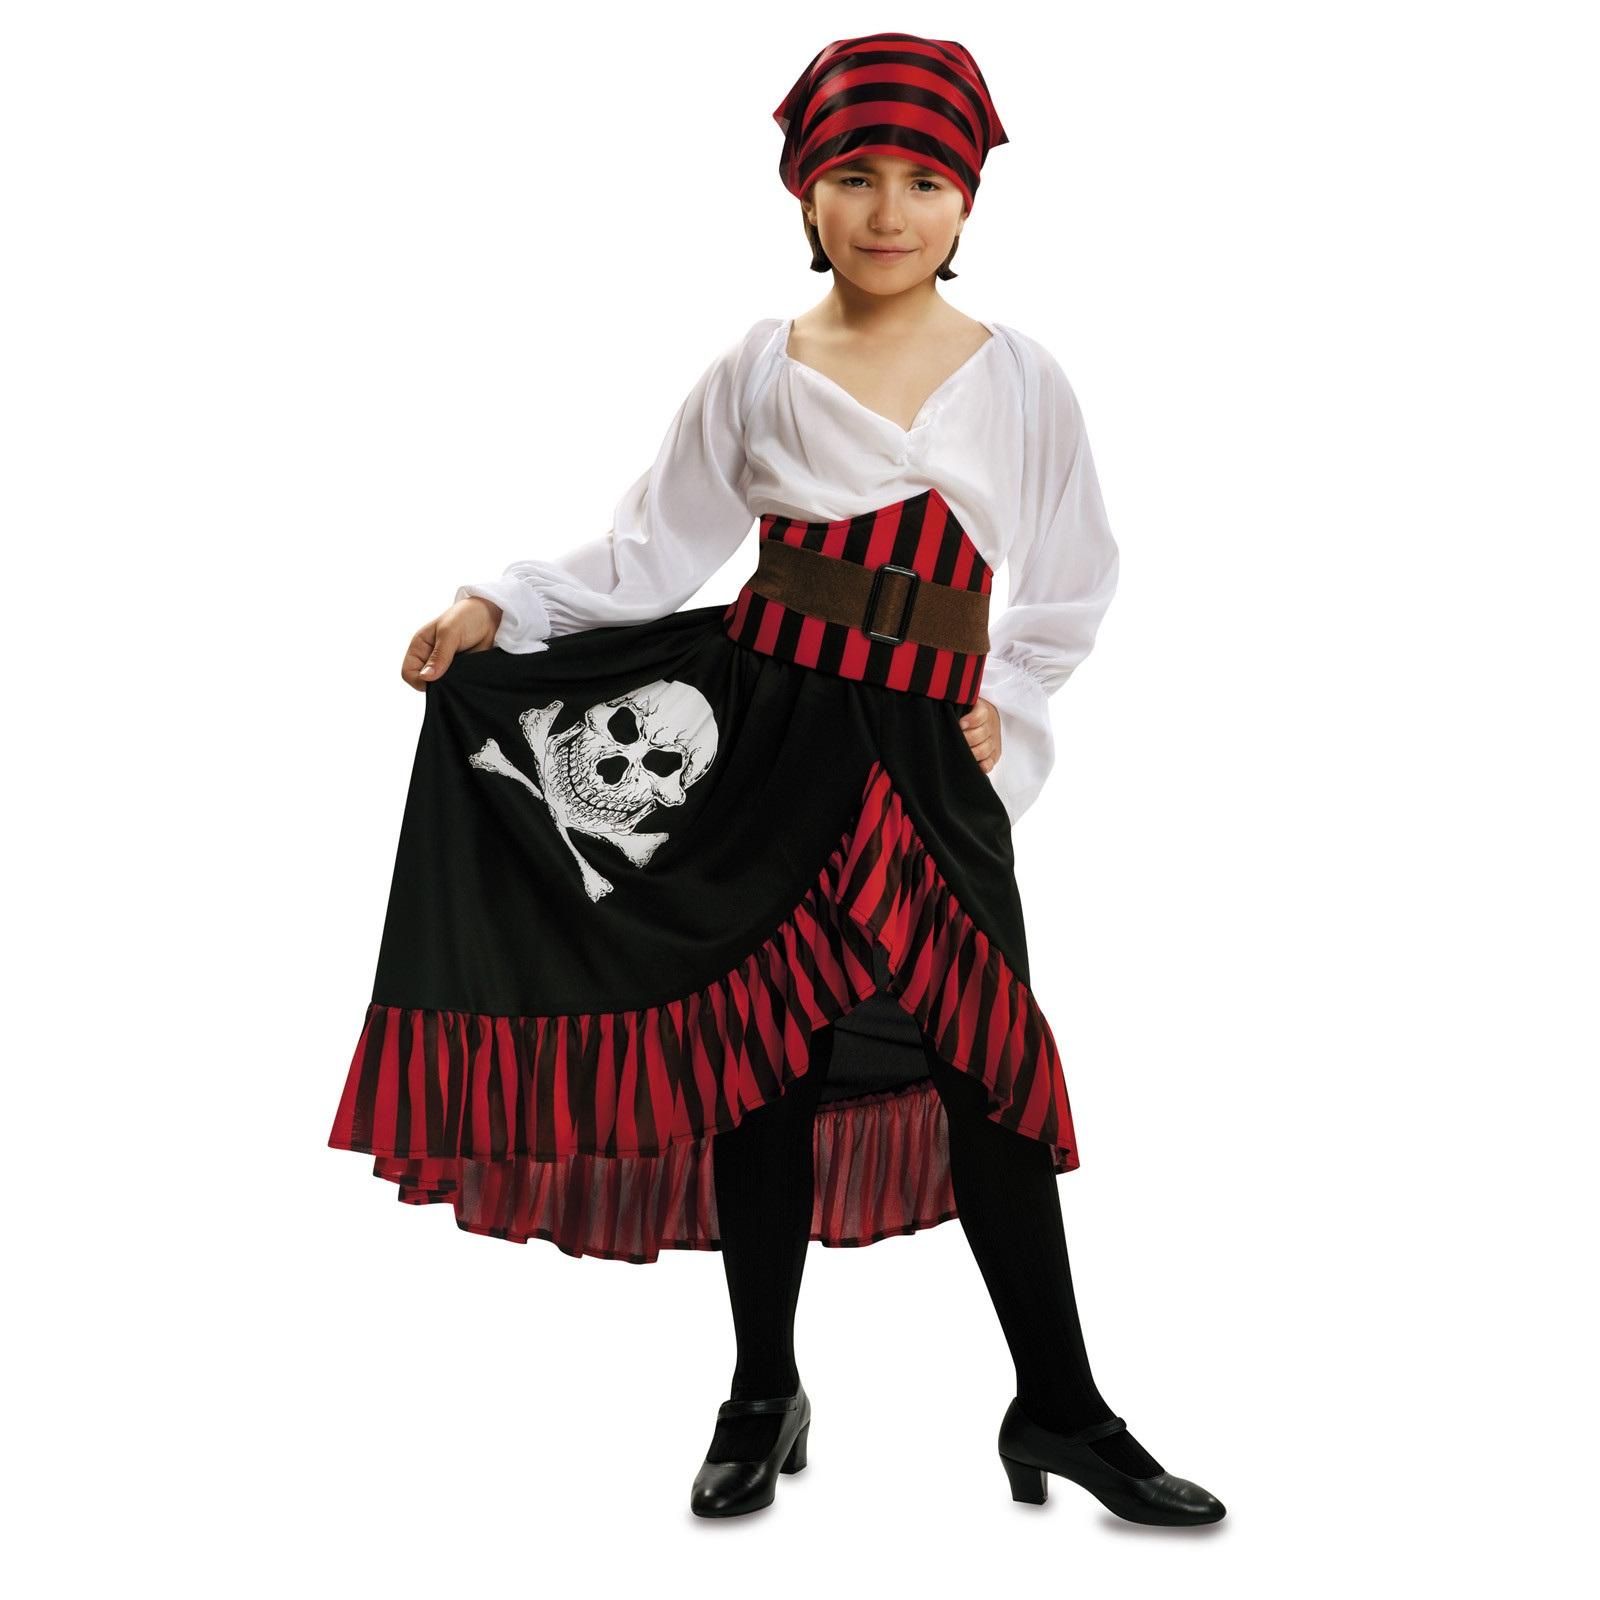 disfraz pirata bandana niña 200584mom - DISFRAZ DE PIRATA BANDANA NIÑA